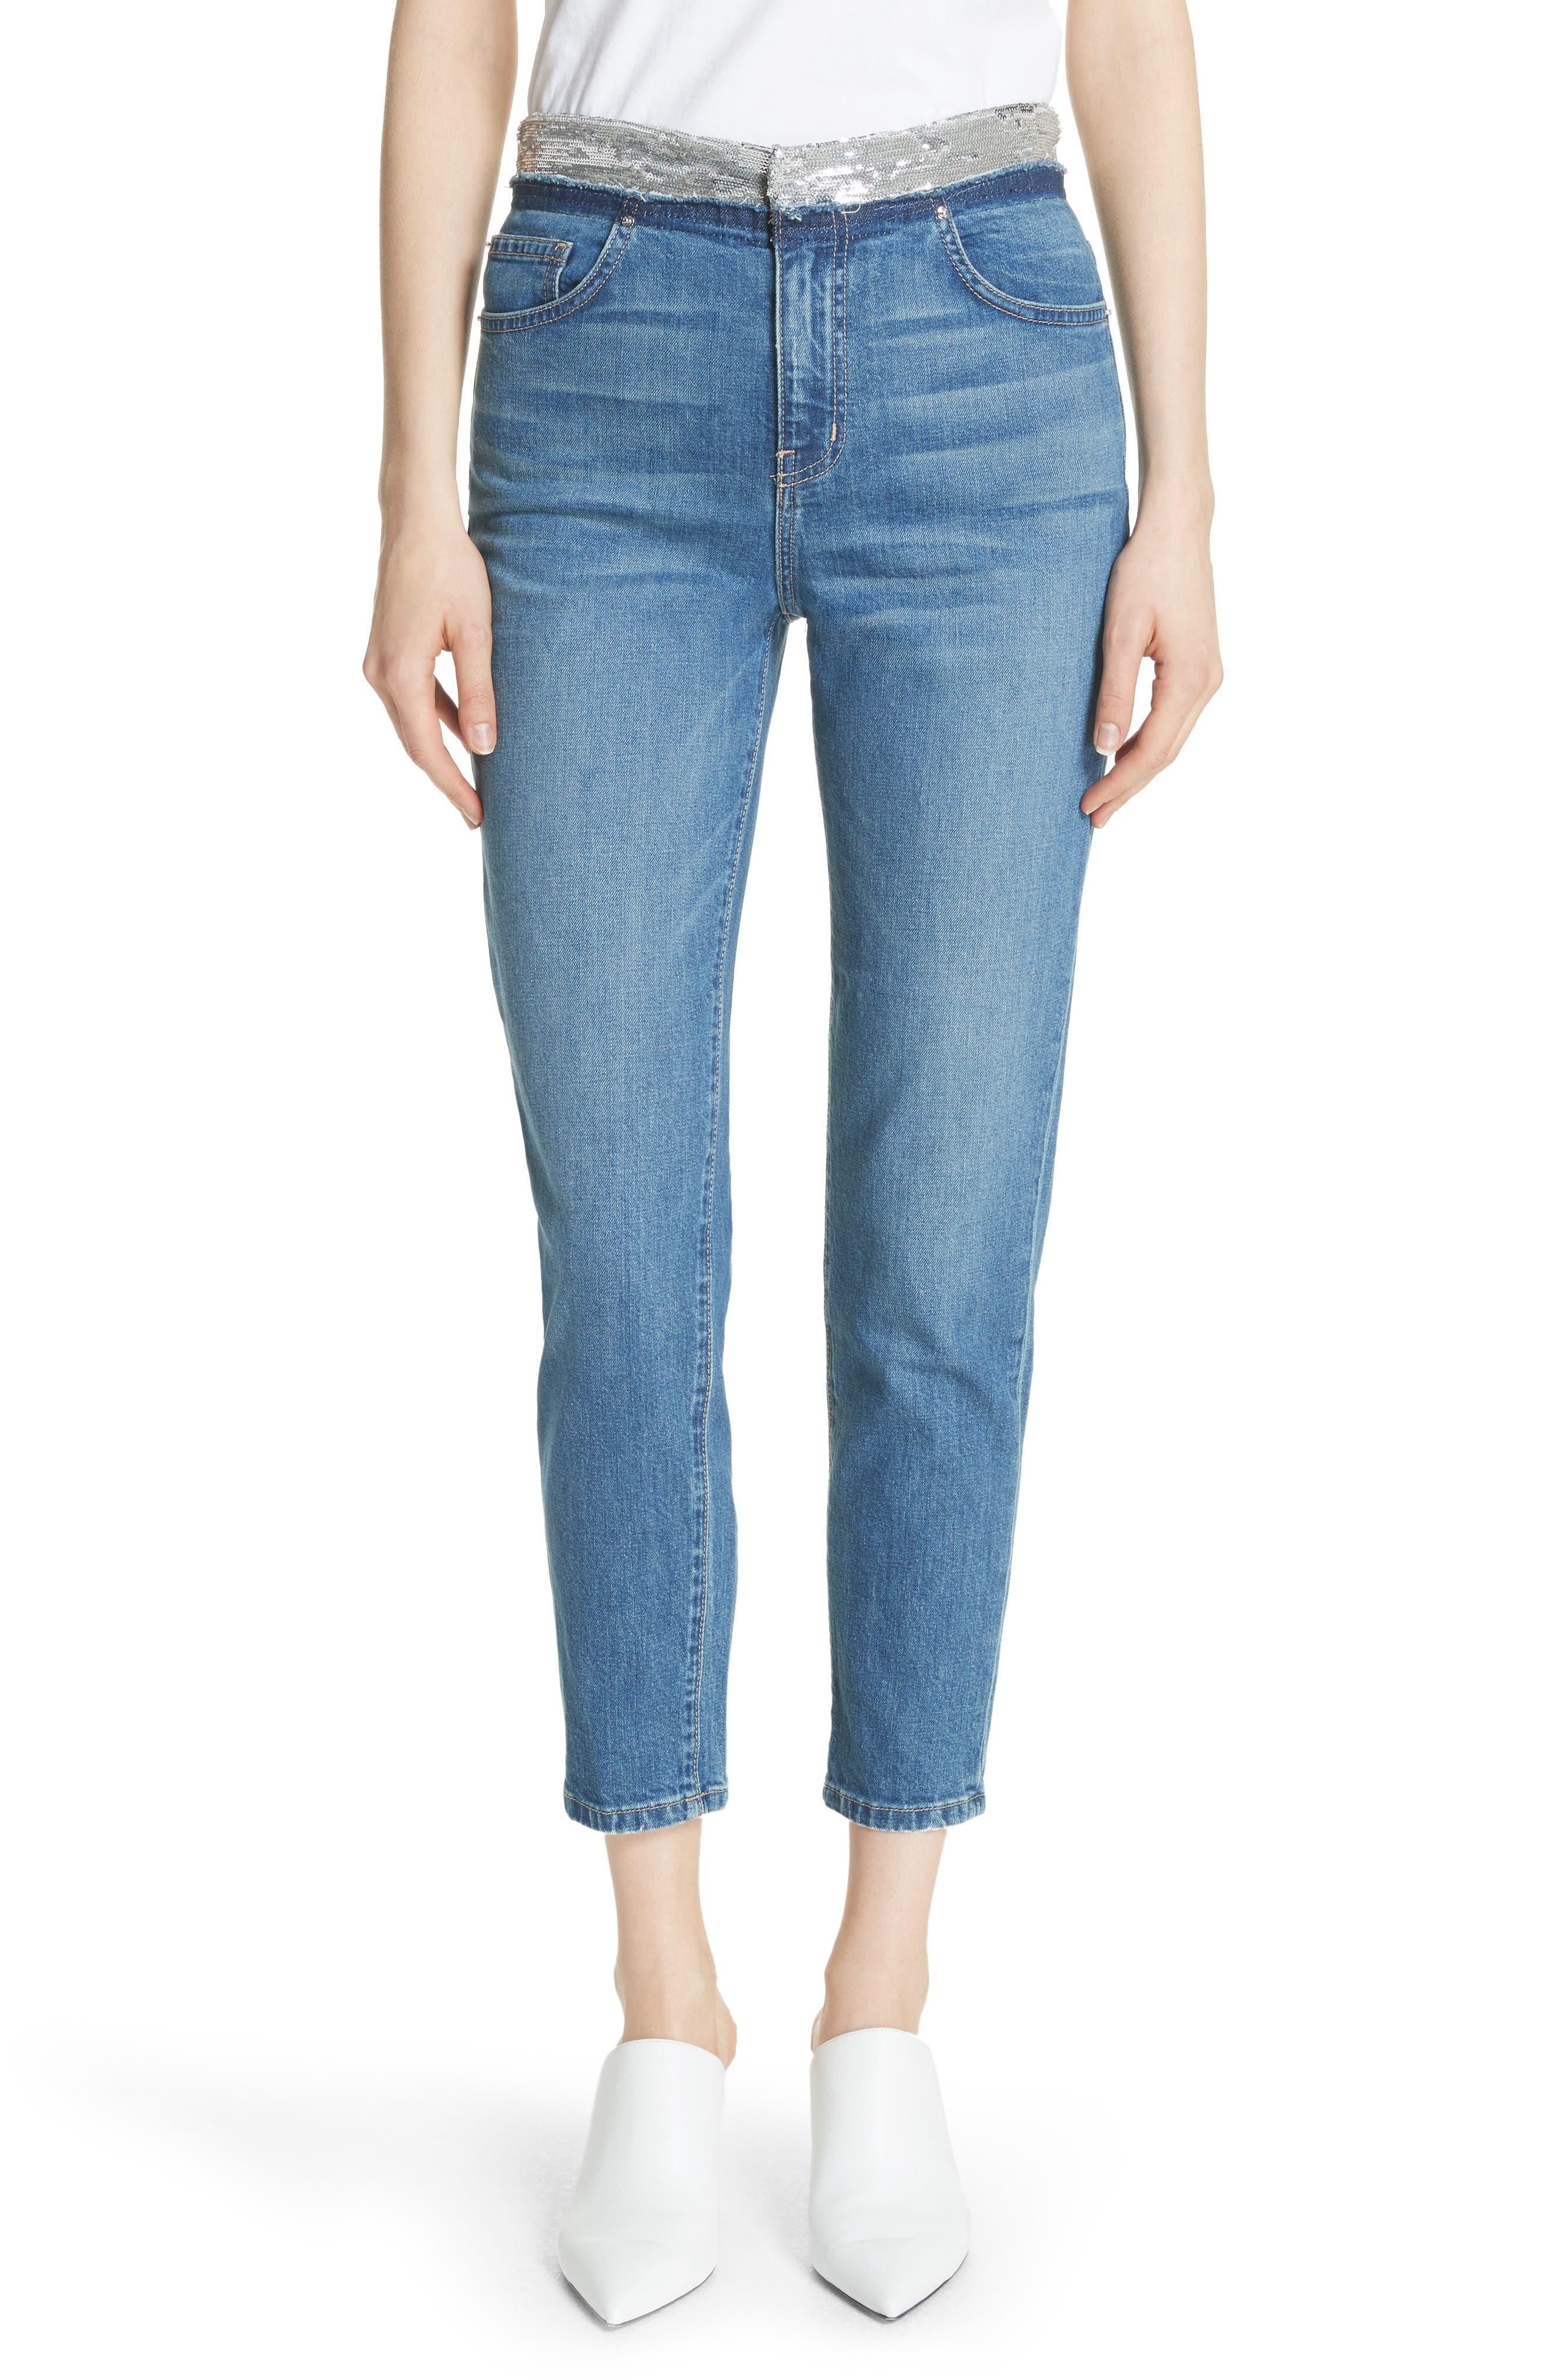 Jones Crop Jeans,                             Main thumbnail 1, color,                             Stone Blue